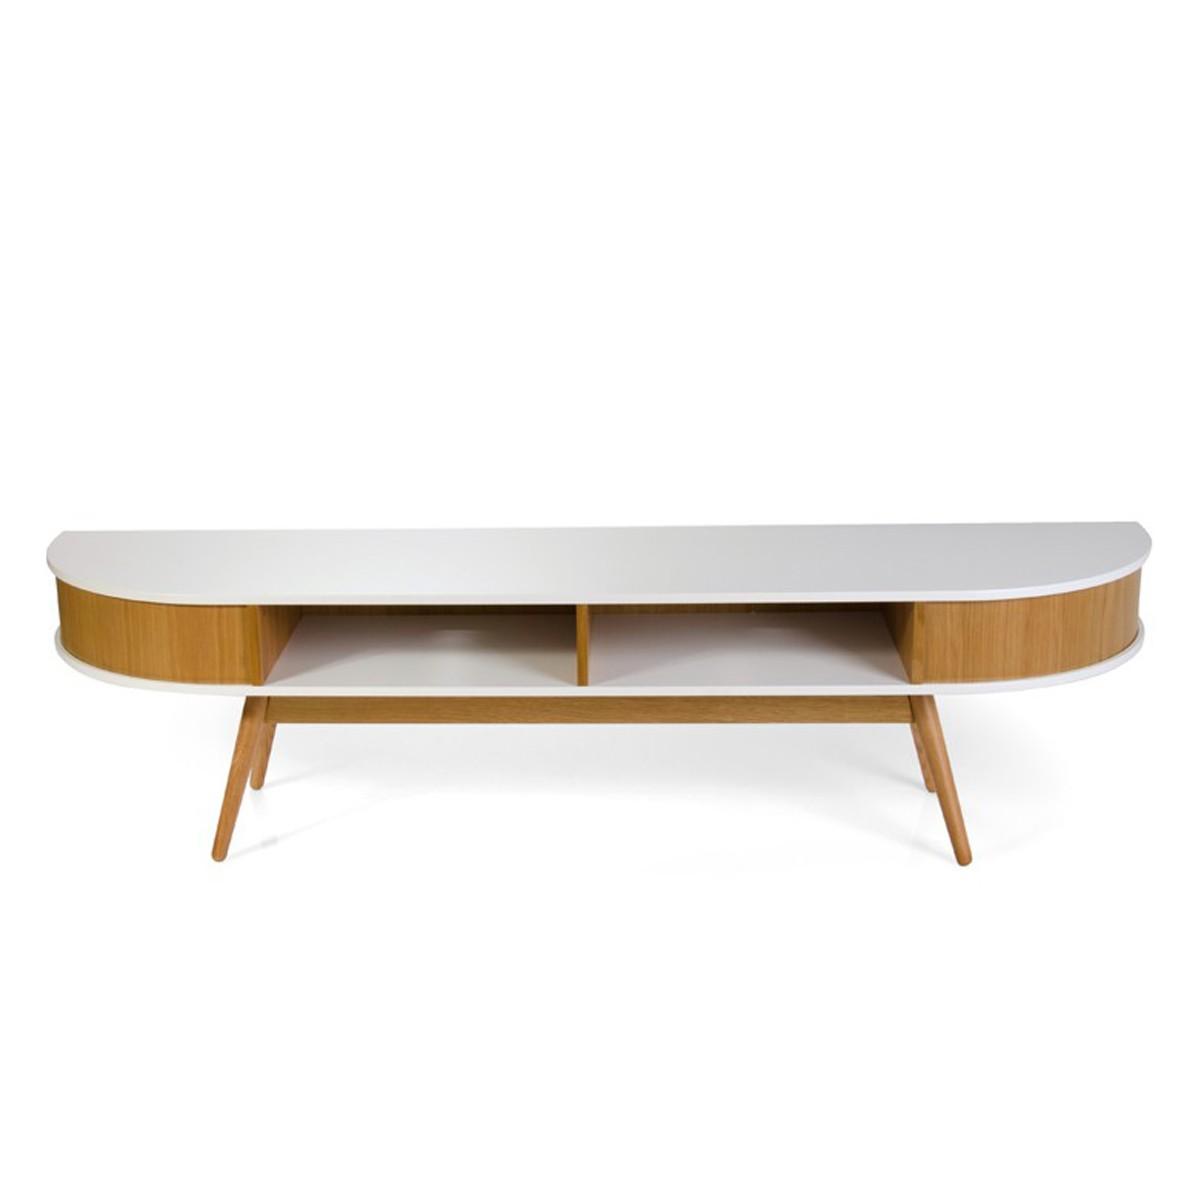 Alquiler muebles alquiler muebles madrid arganda centro - Oportunidades gaditanas muebles ...